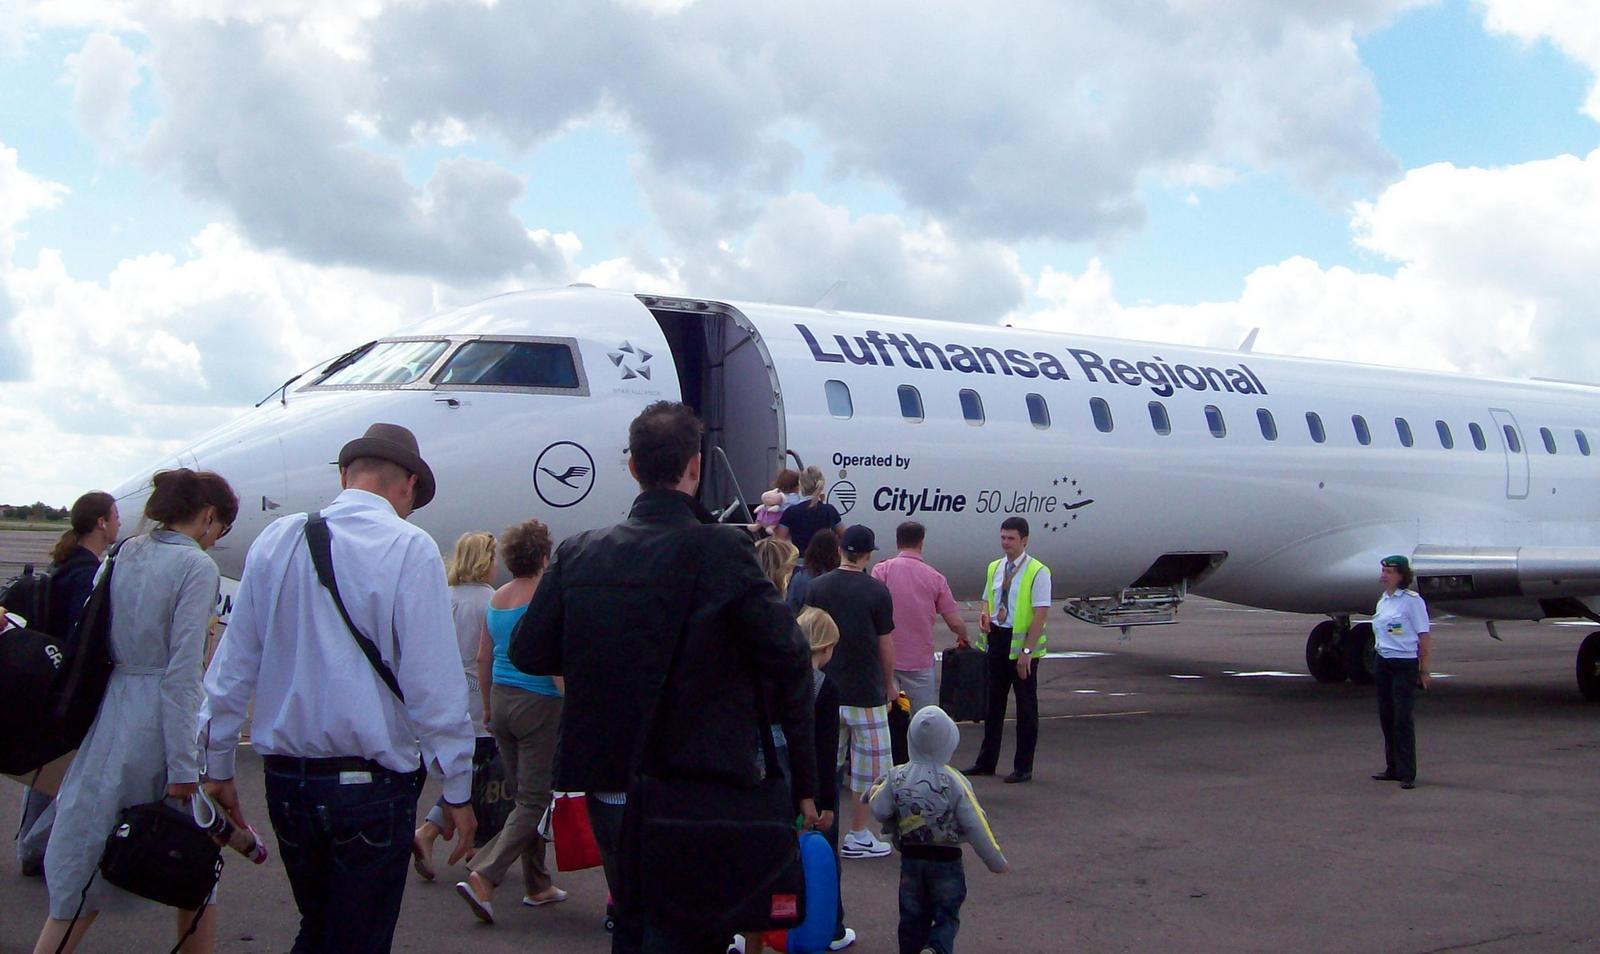 Lufthansa Regional auf dem Flughafen von Lemberg